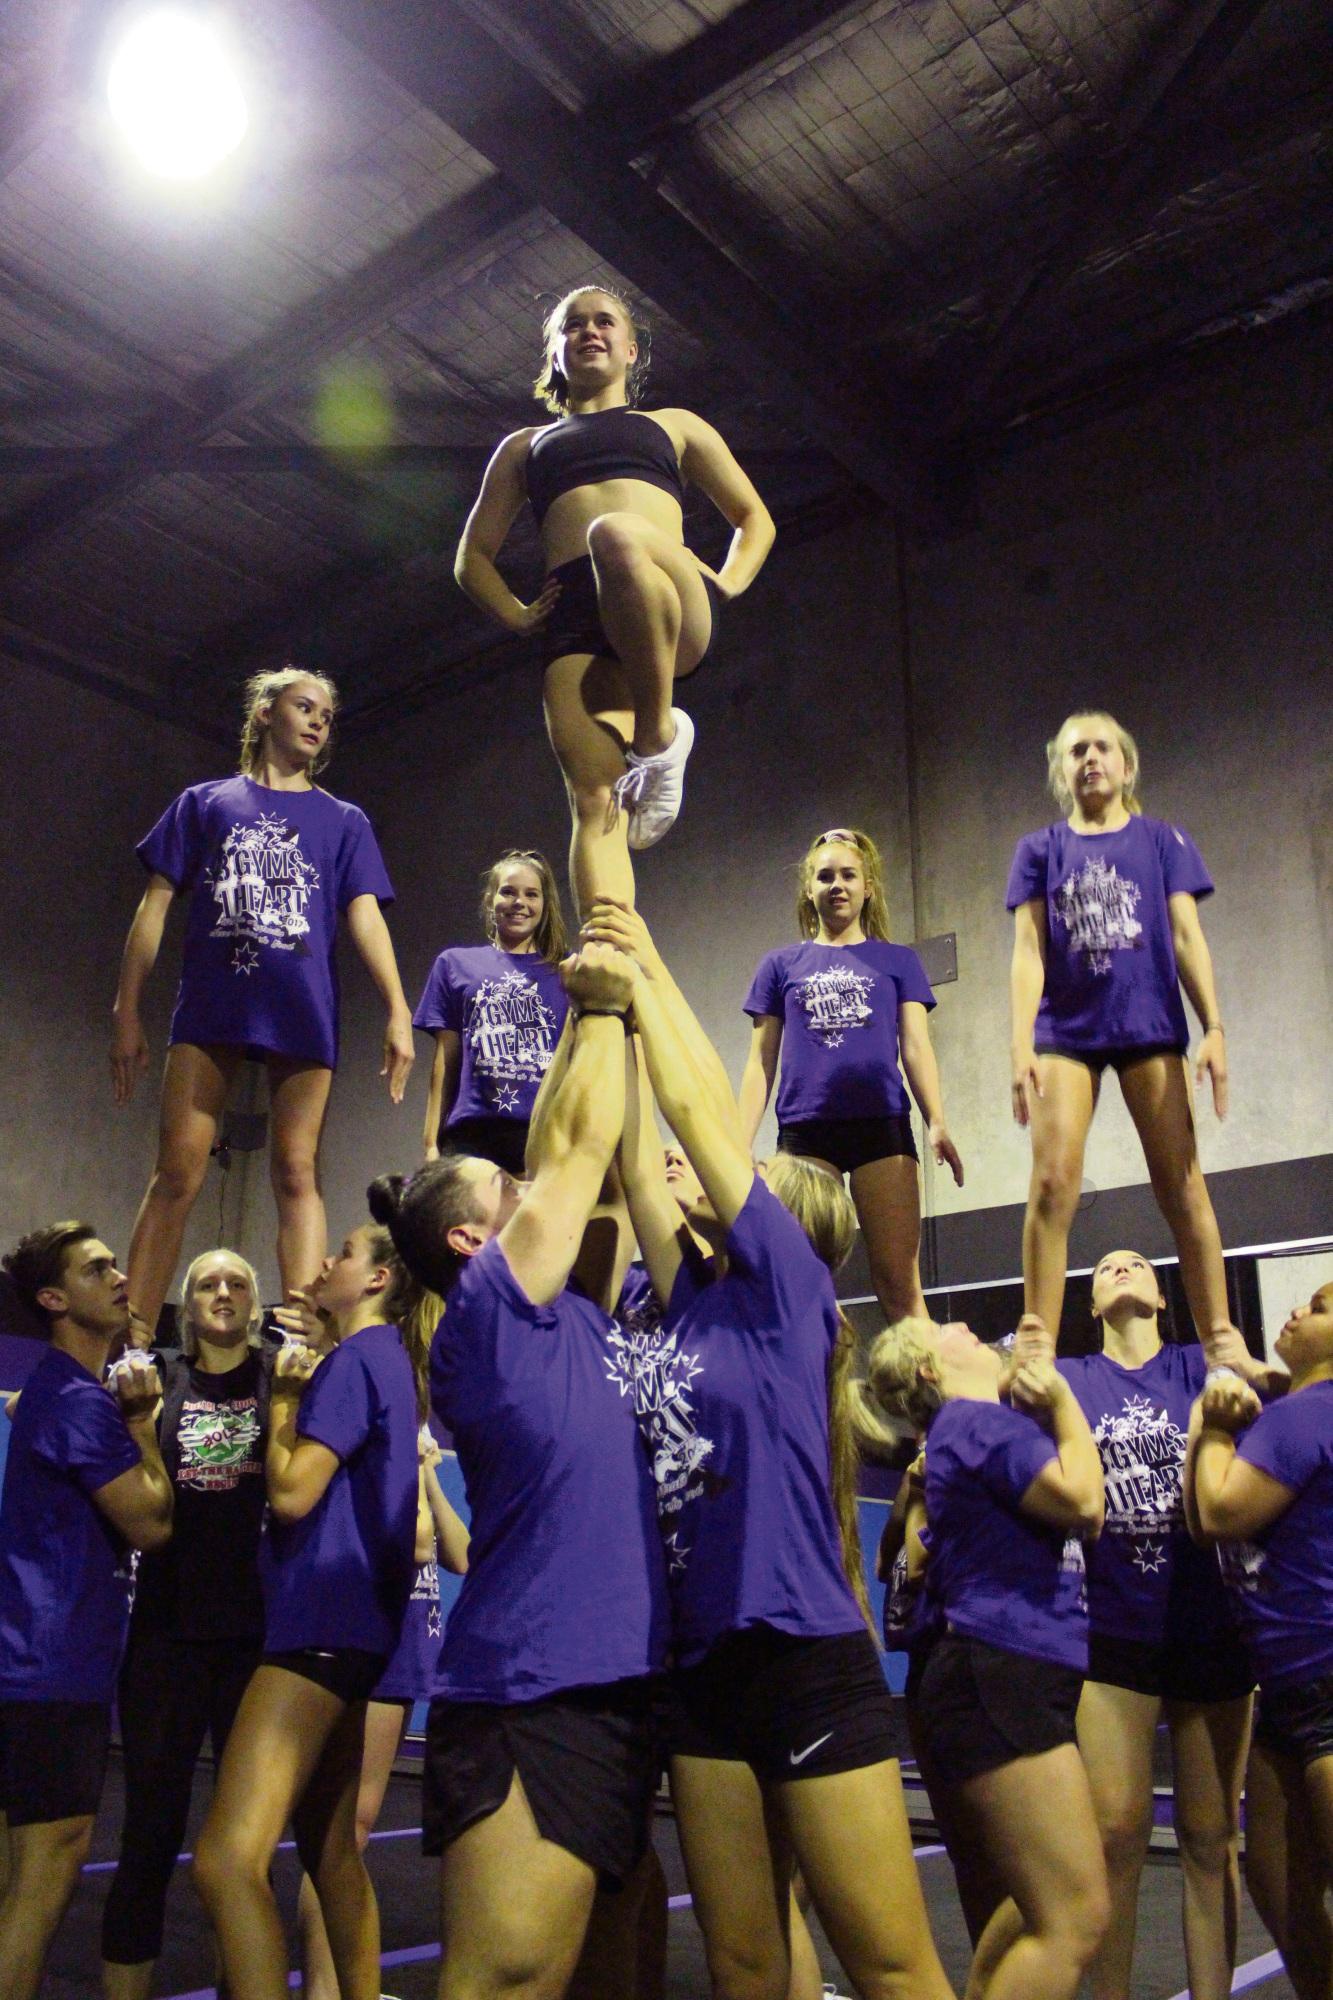 Chloe Ingham trains with her team members.